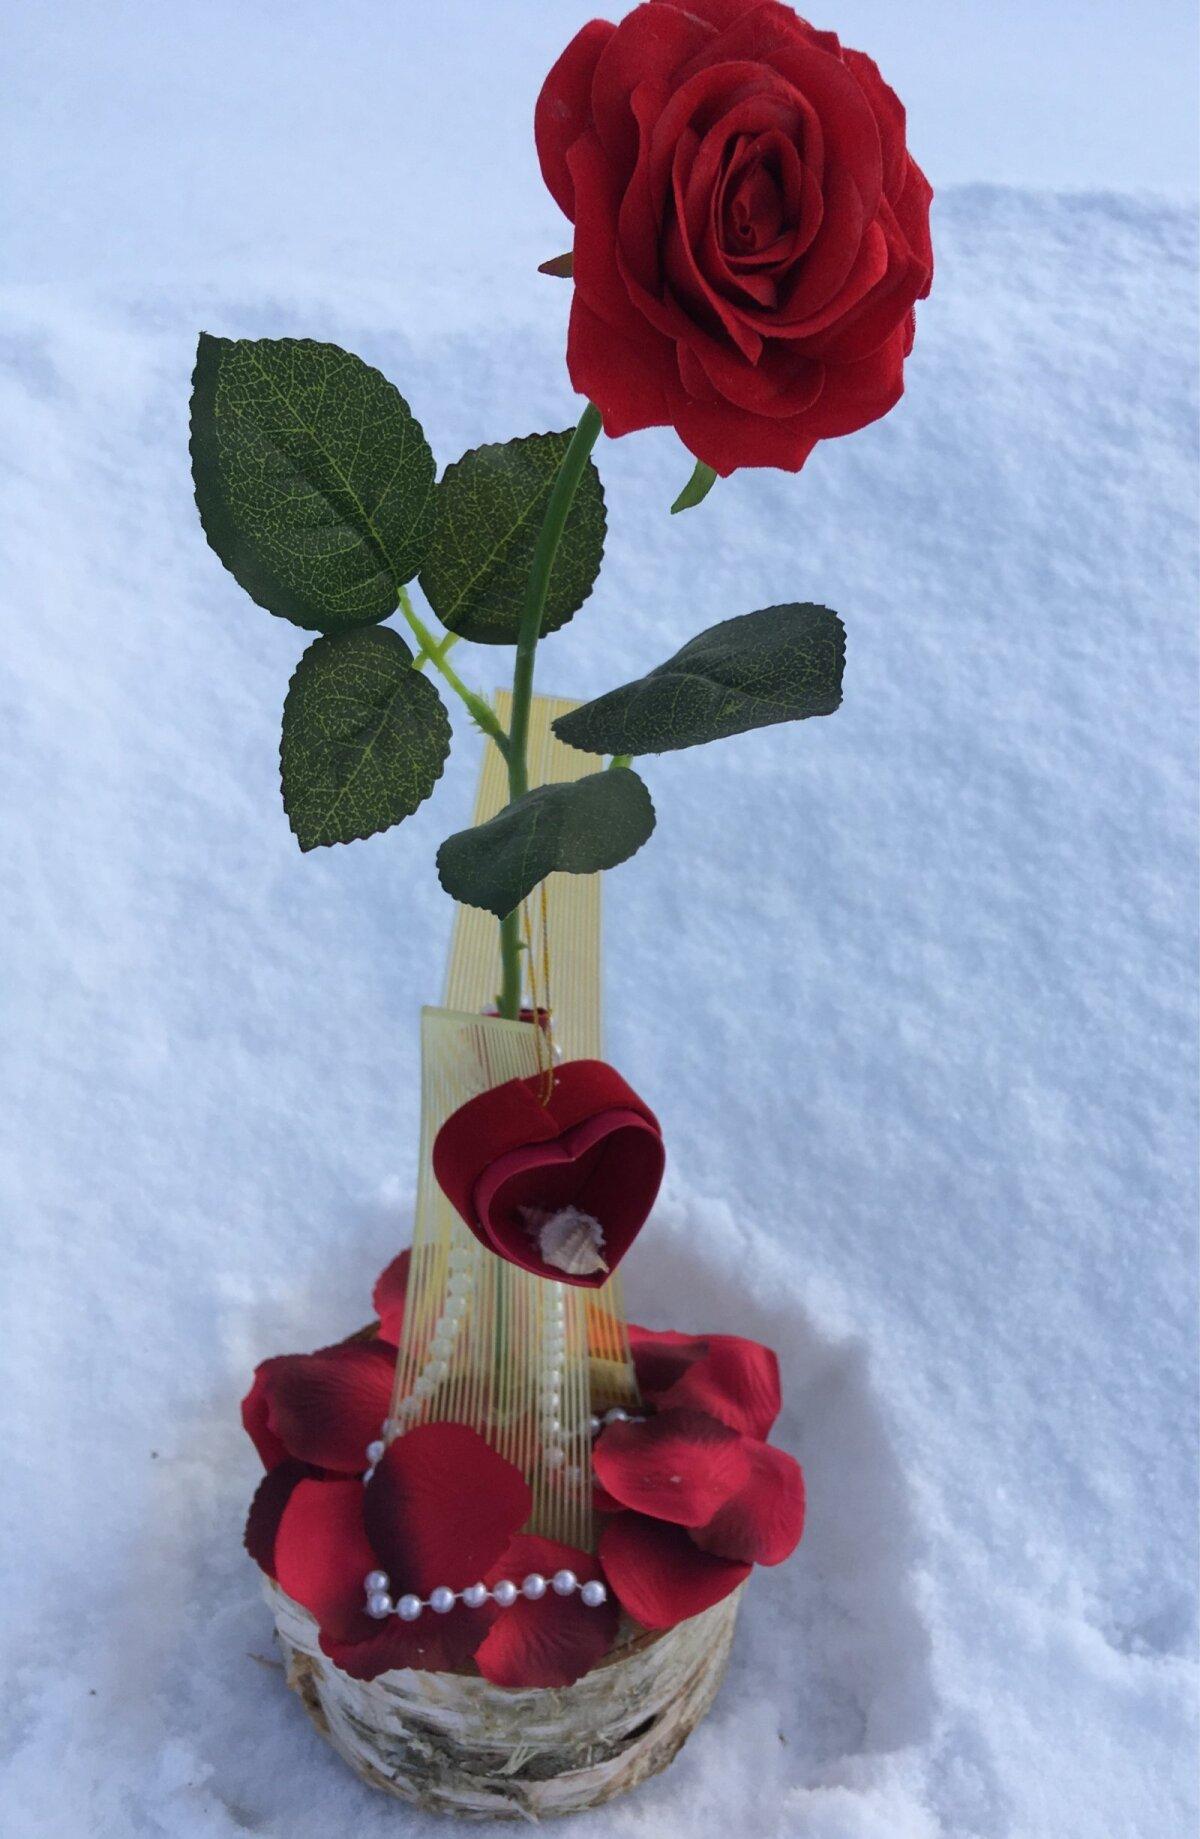 Kui tähtsal hetkel kipuvad sõnad sassi minema, võib lasta rääkida hoopiski lilledel. On ju punane roos armastuse sümbol, ja kui sinna lisada veel punane karbike sõrmusega, siis ei pea kaua mõtlema, millist ettepanekut on oodata.